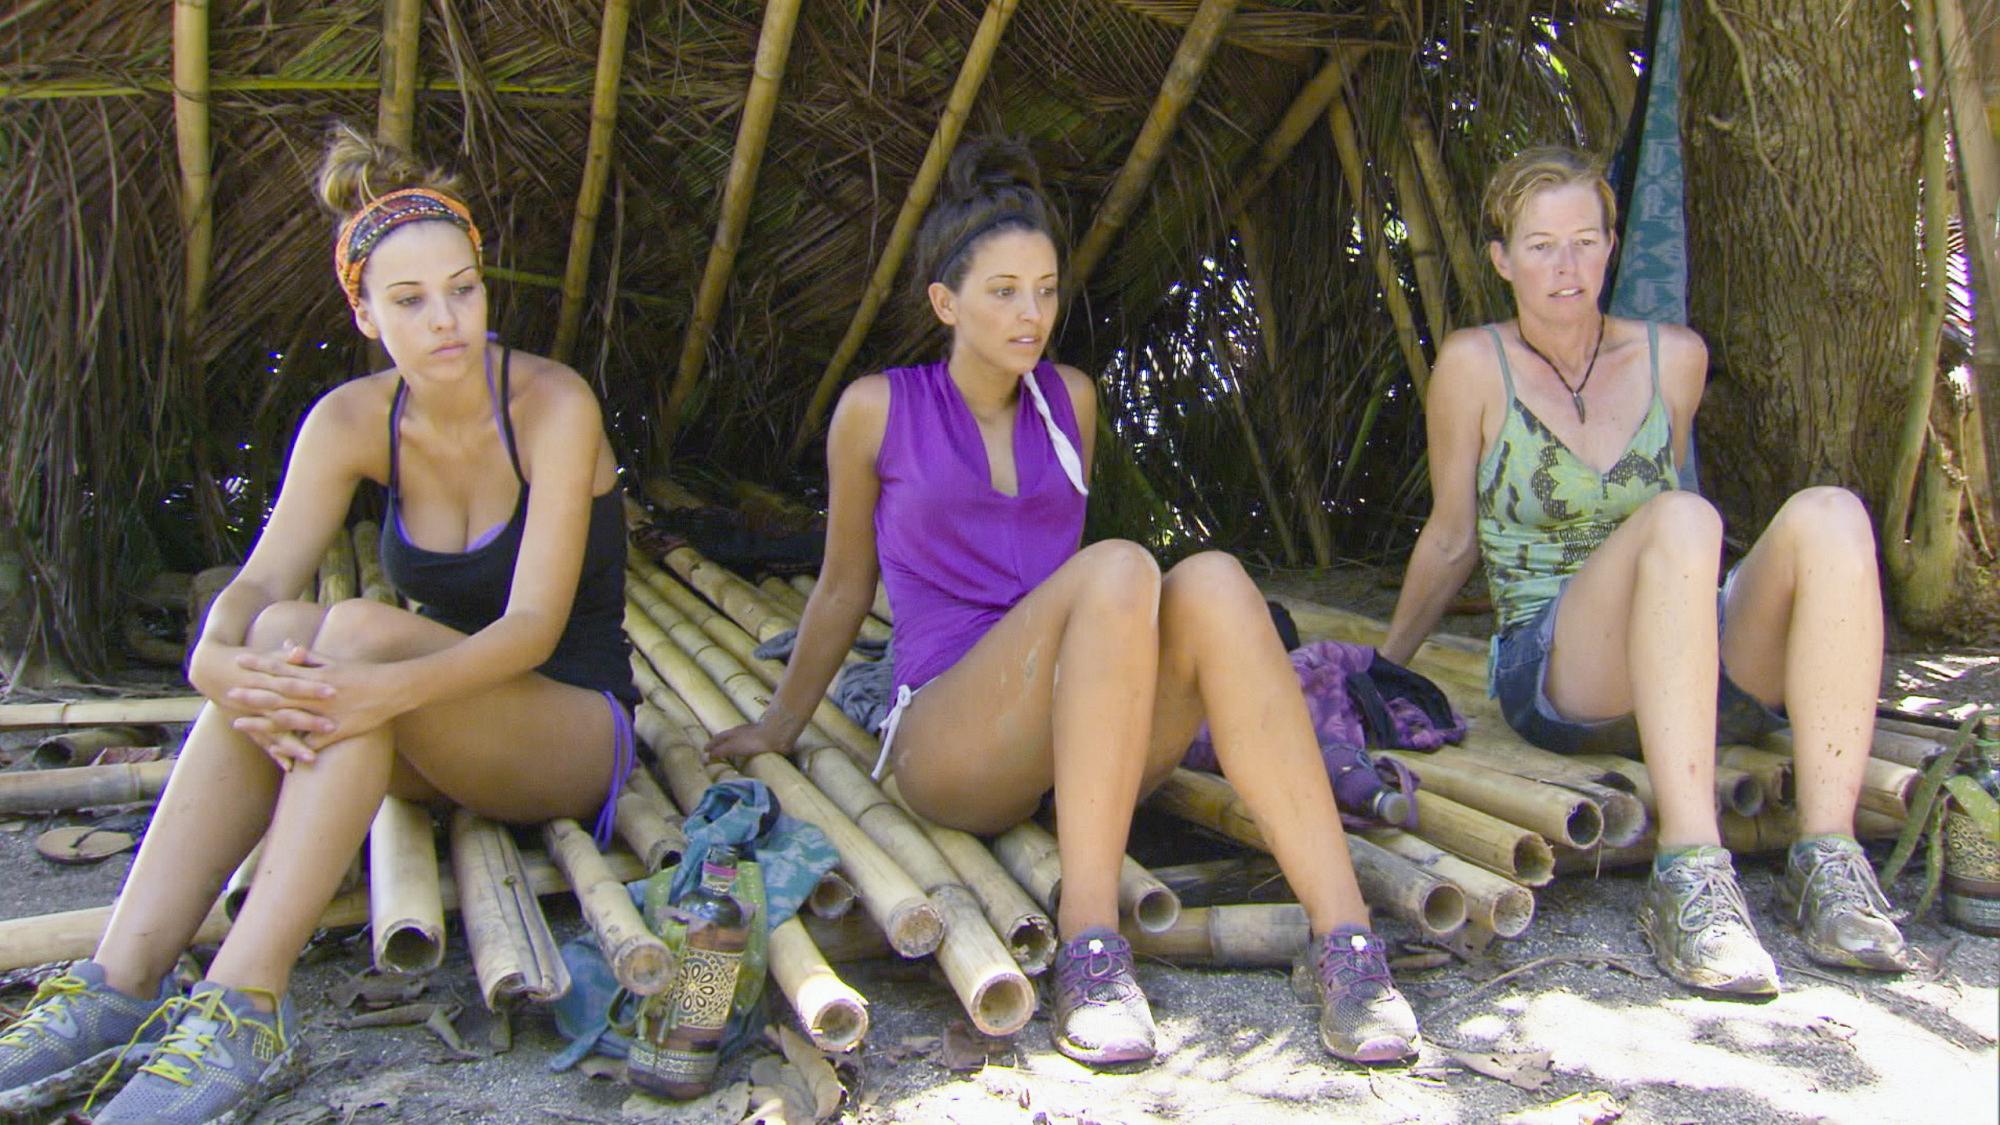 Morgan, Alexis and Kass in Season 28 Episode 5